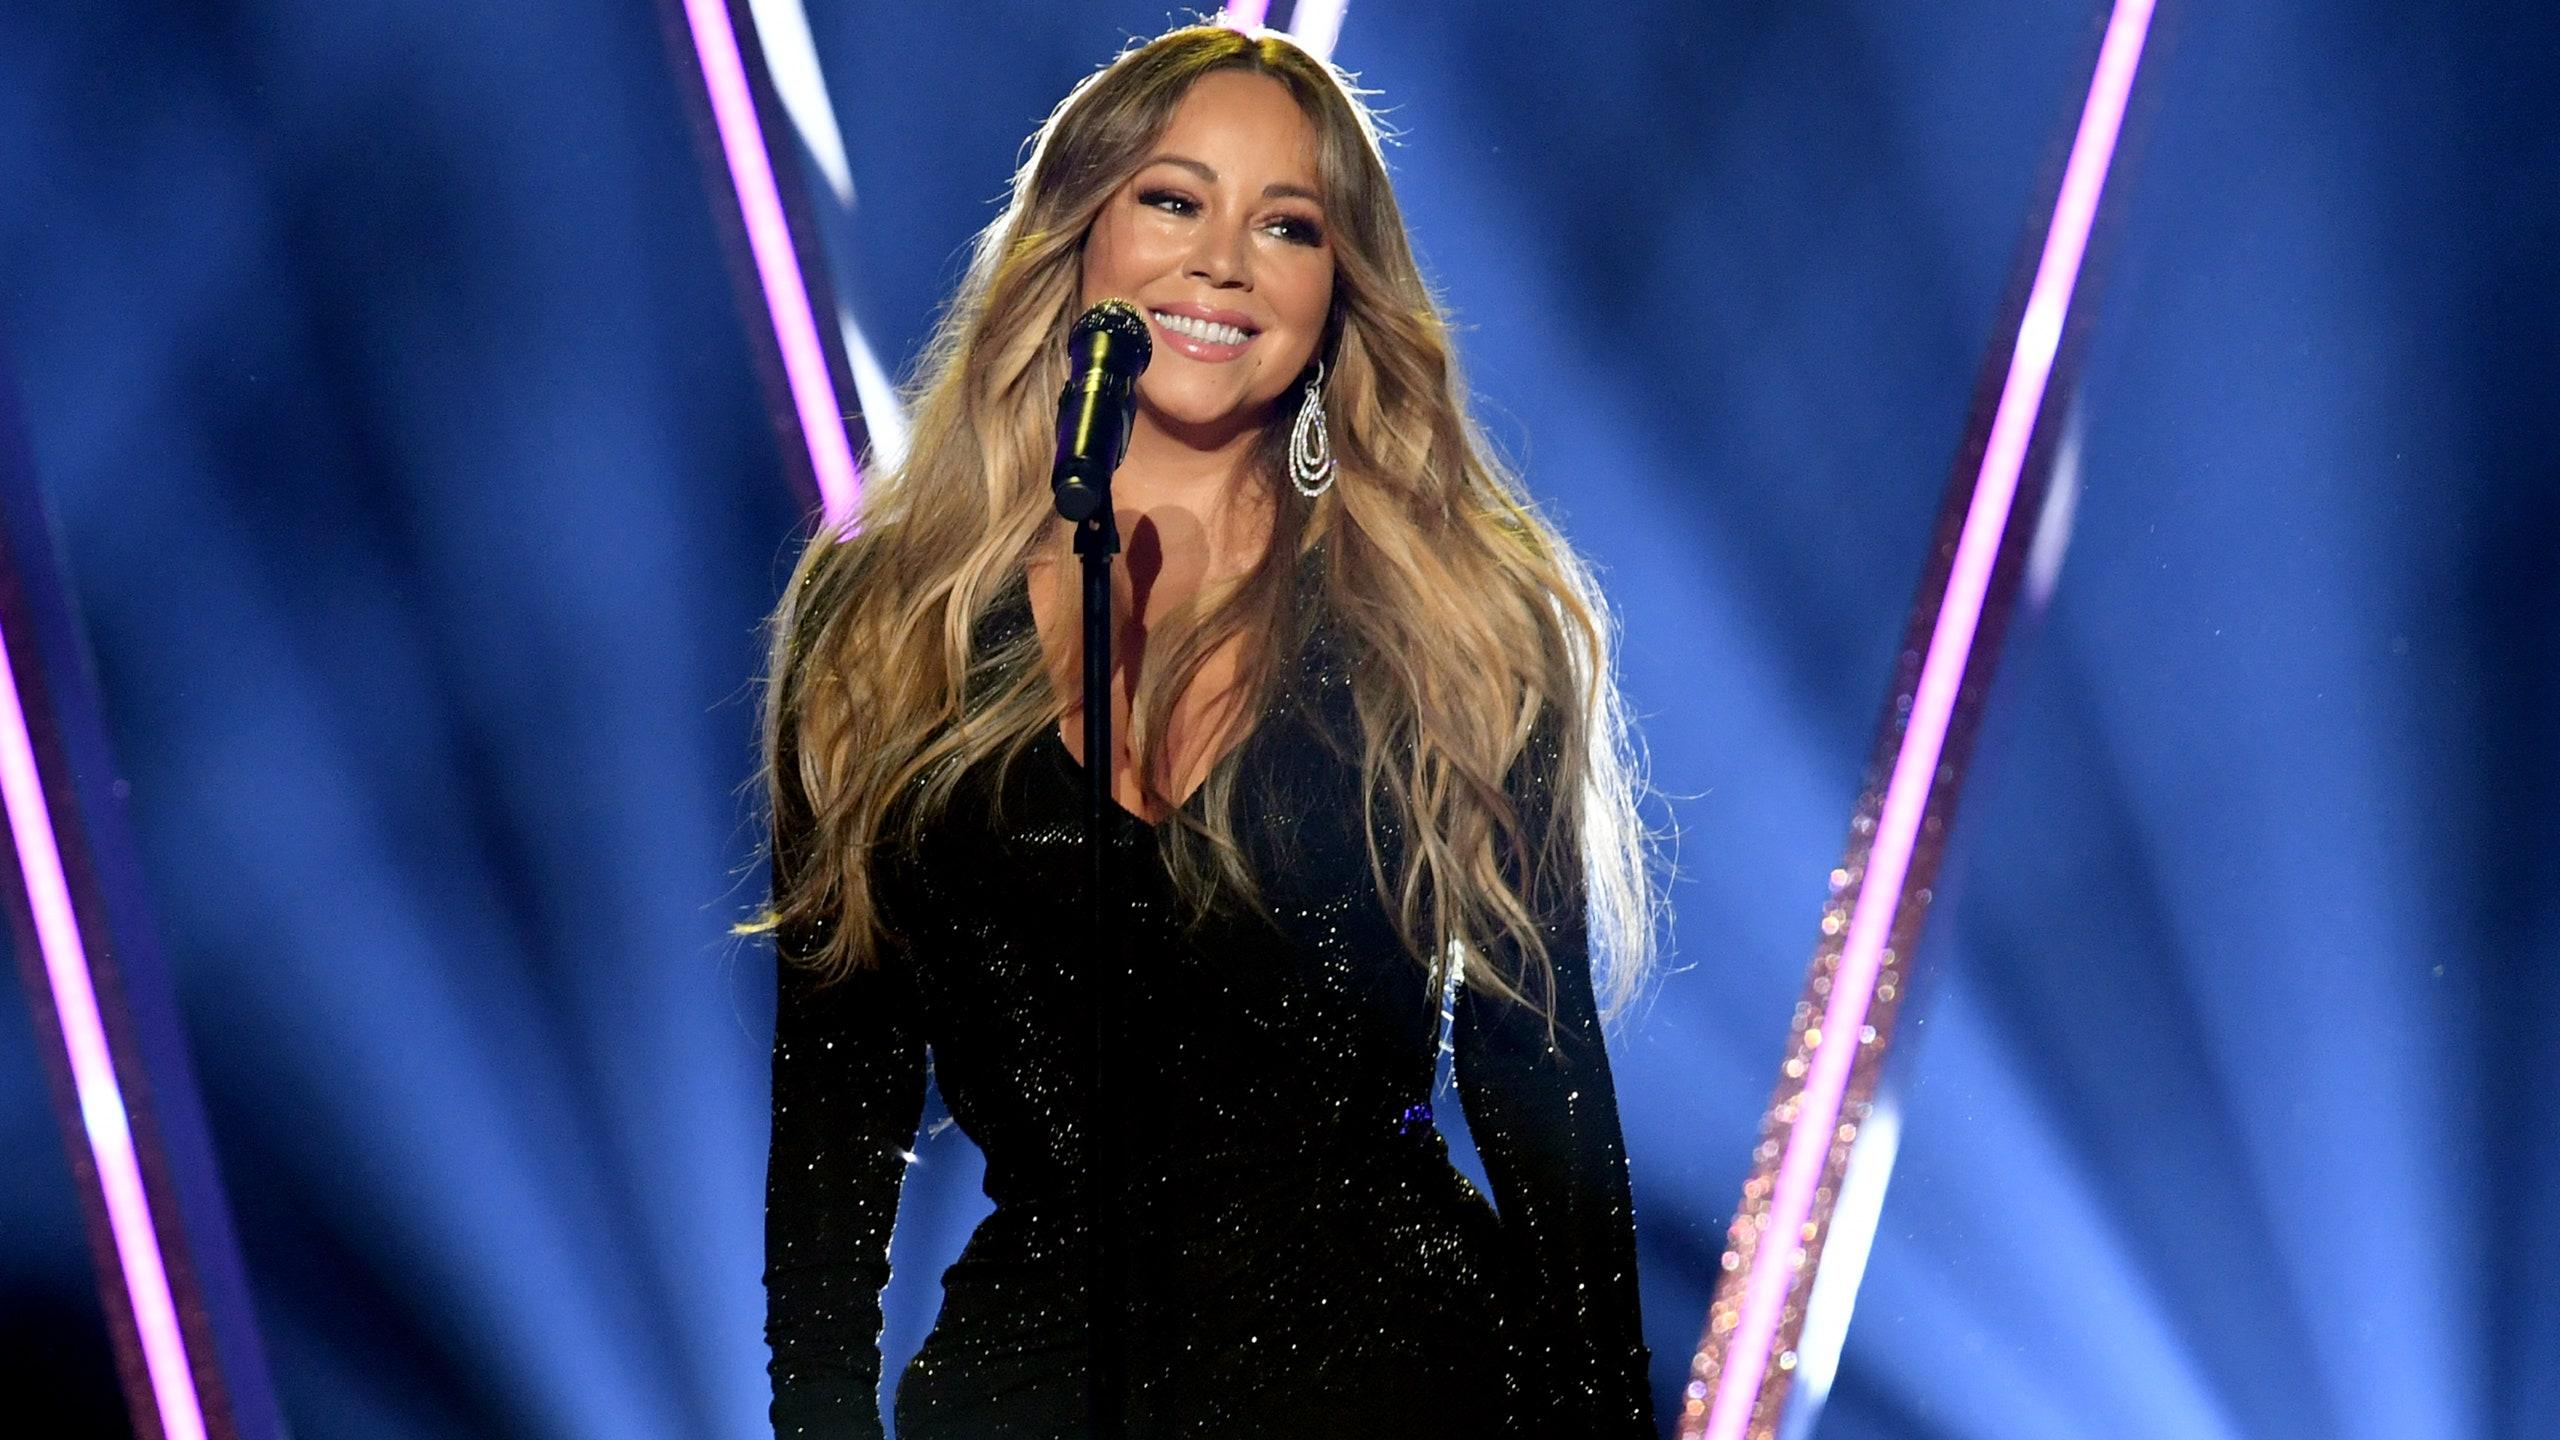 La cantante Mariah Carey ha comprado Bitcoins a través del exchange de criptomonedas Gemini